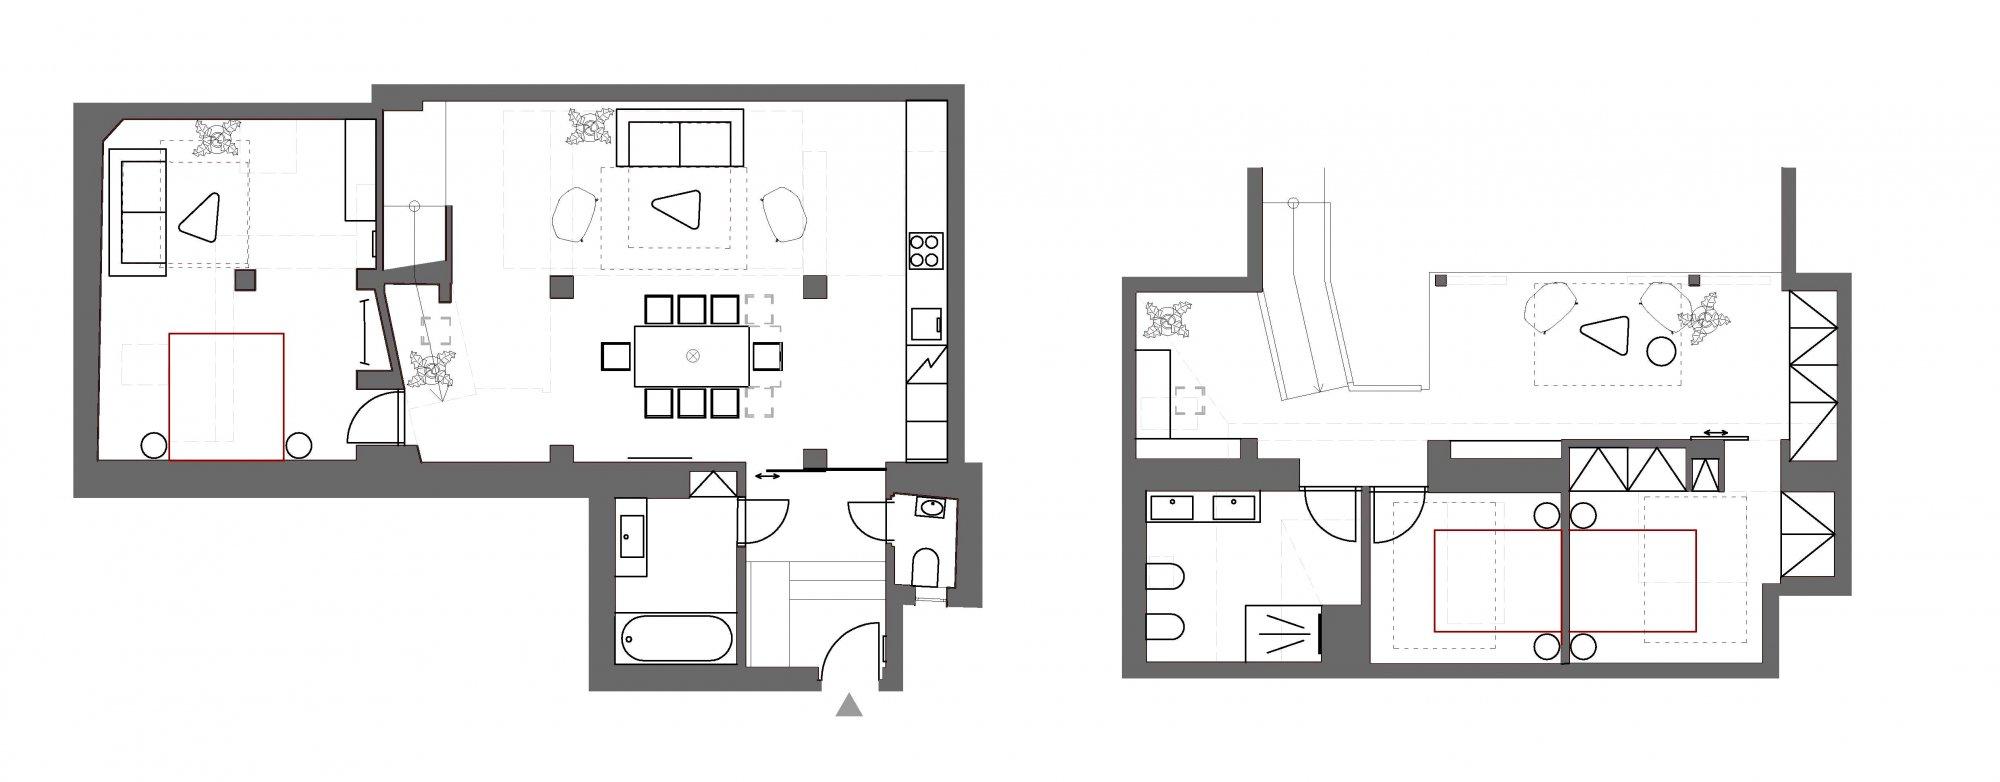 Půdorys - Půdní byt 4+kk, plocha 143 m², ulice Růžová, Praha 1 - Nové Město